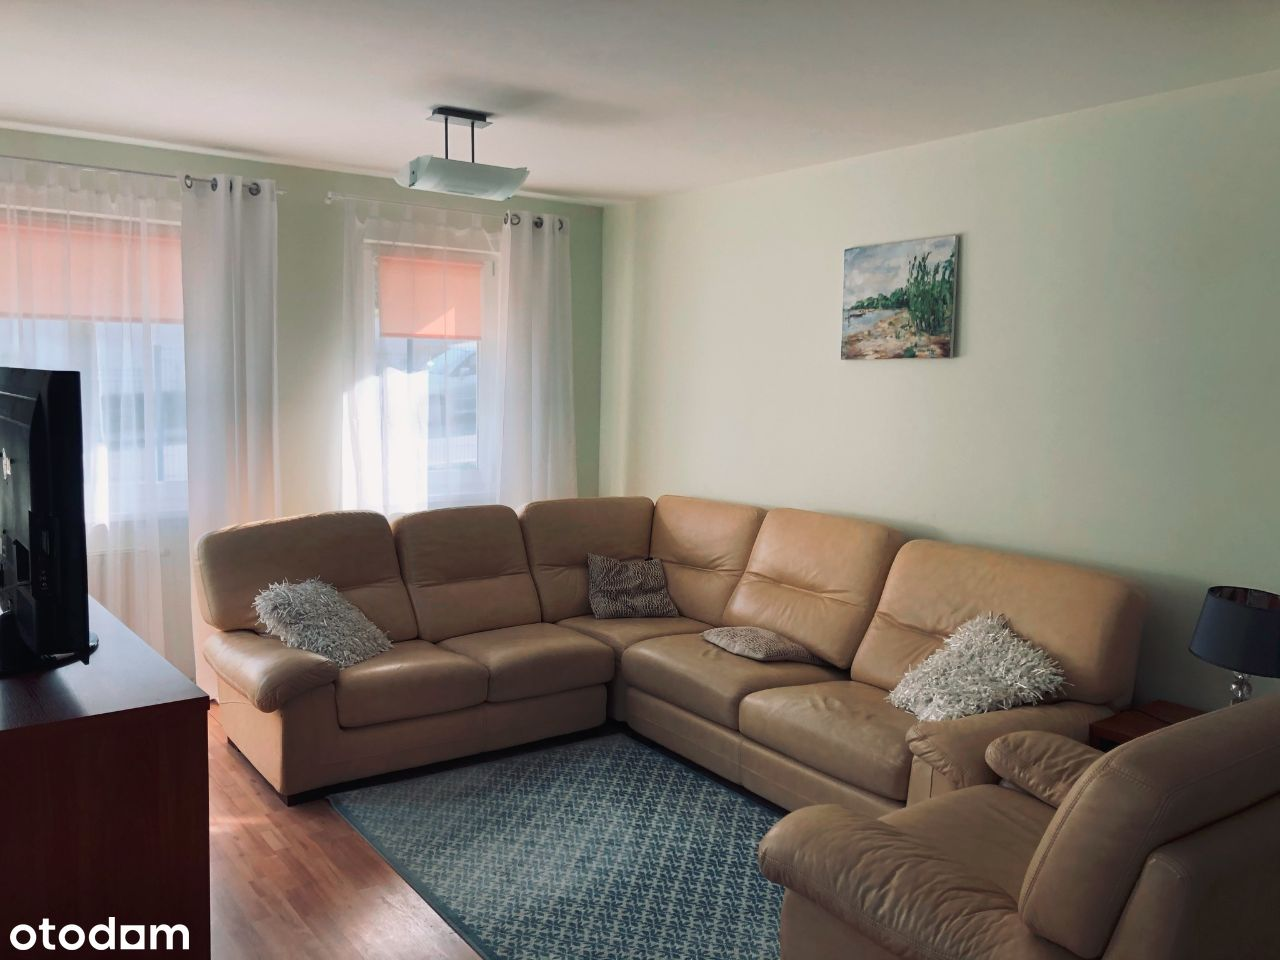 Cichy apartament przy bulwarze nadmorskim w Gdyni